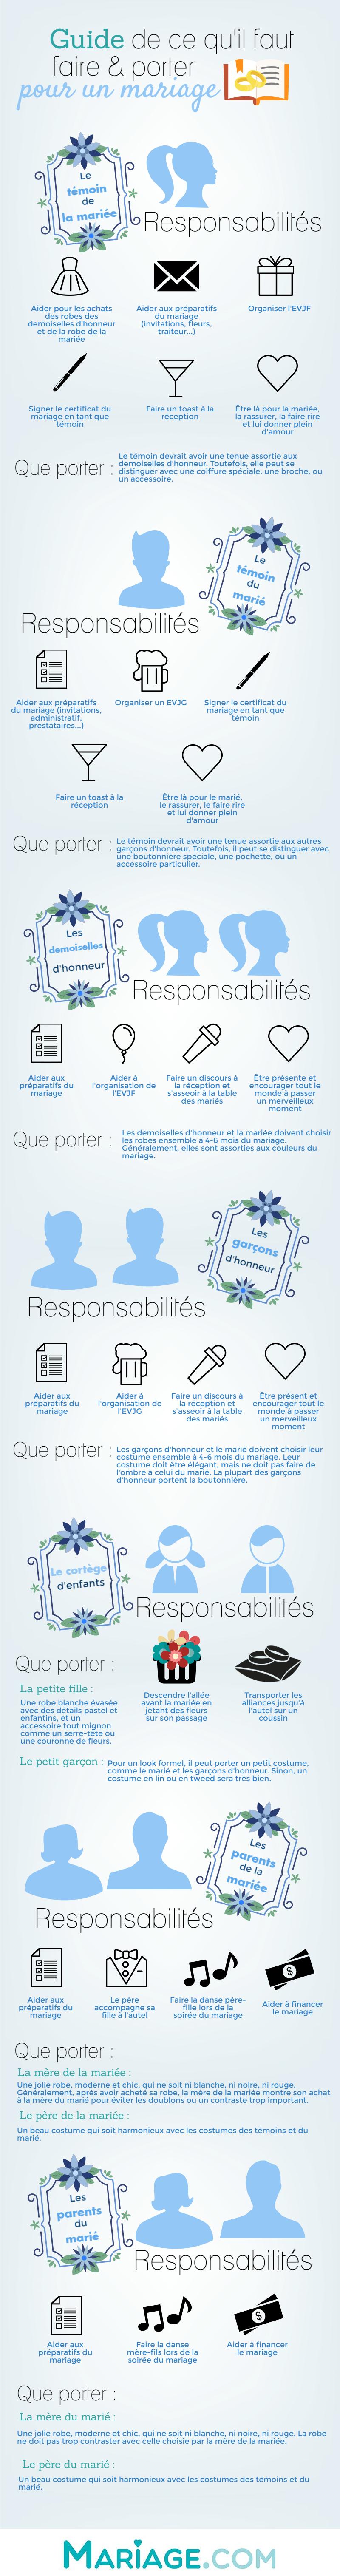 Lindispensable guide des responsabilités à donner à ceux qui participent à votre